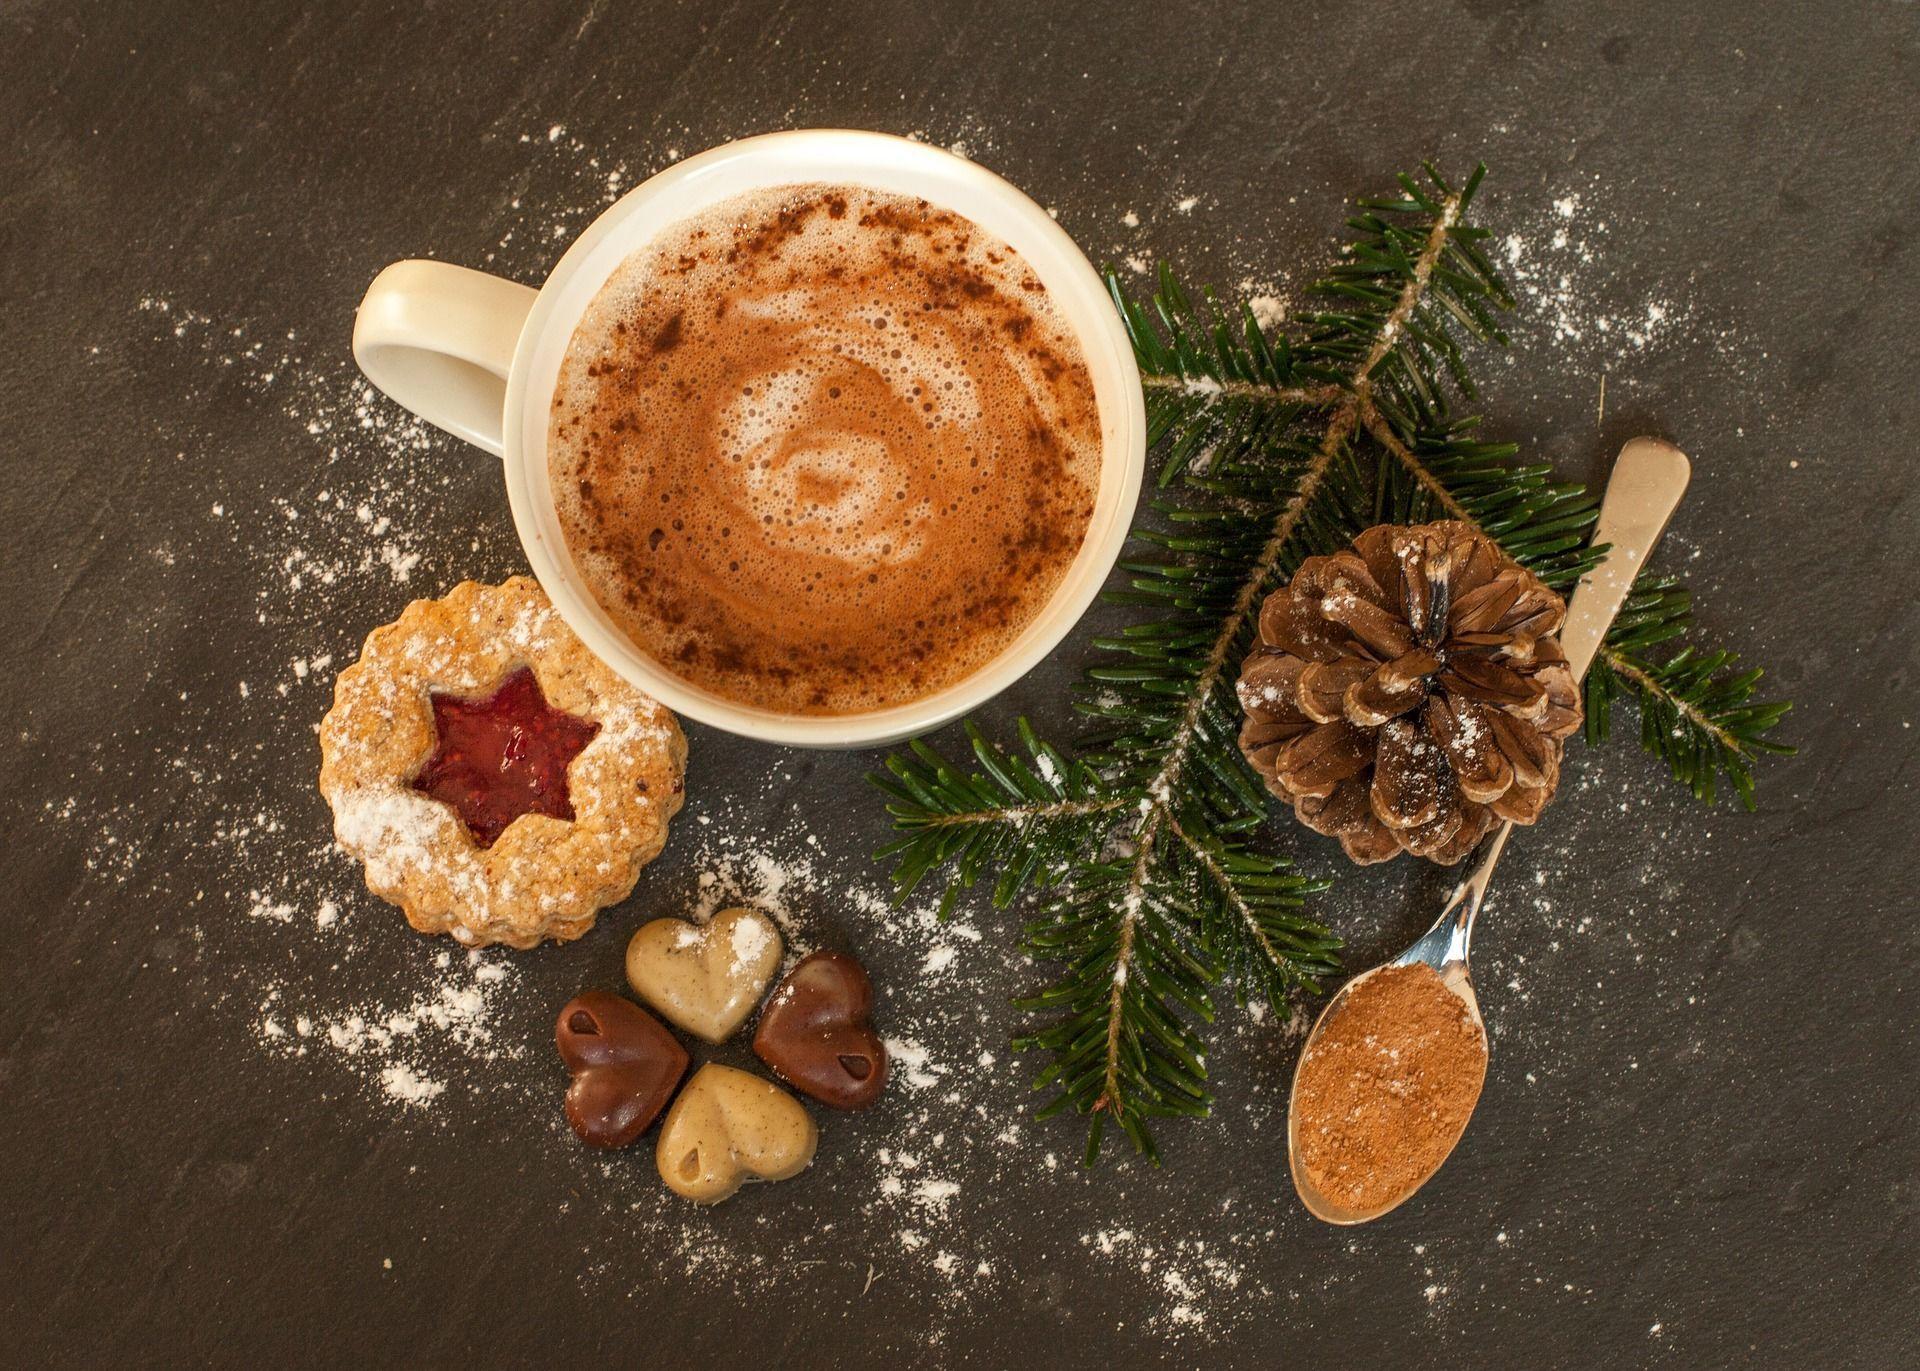 Foodnerd foodie list of new year